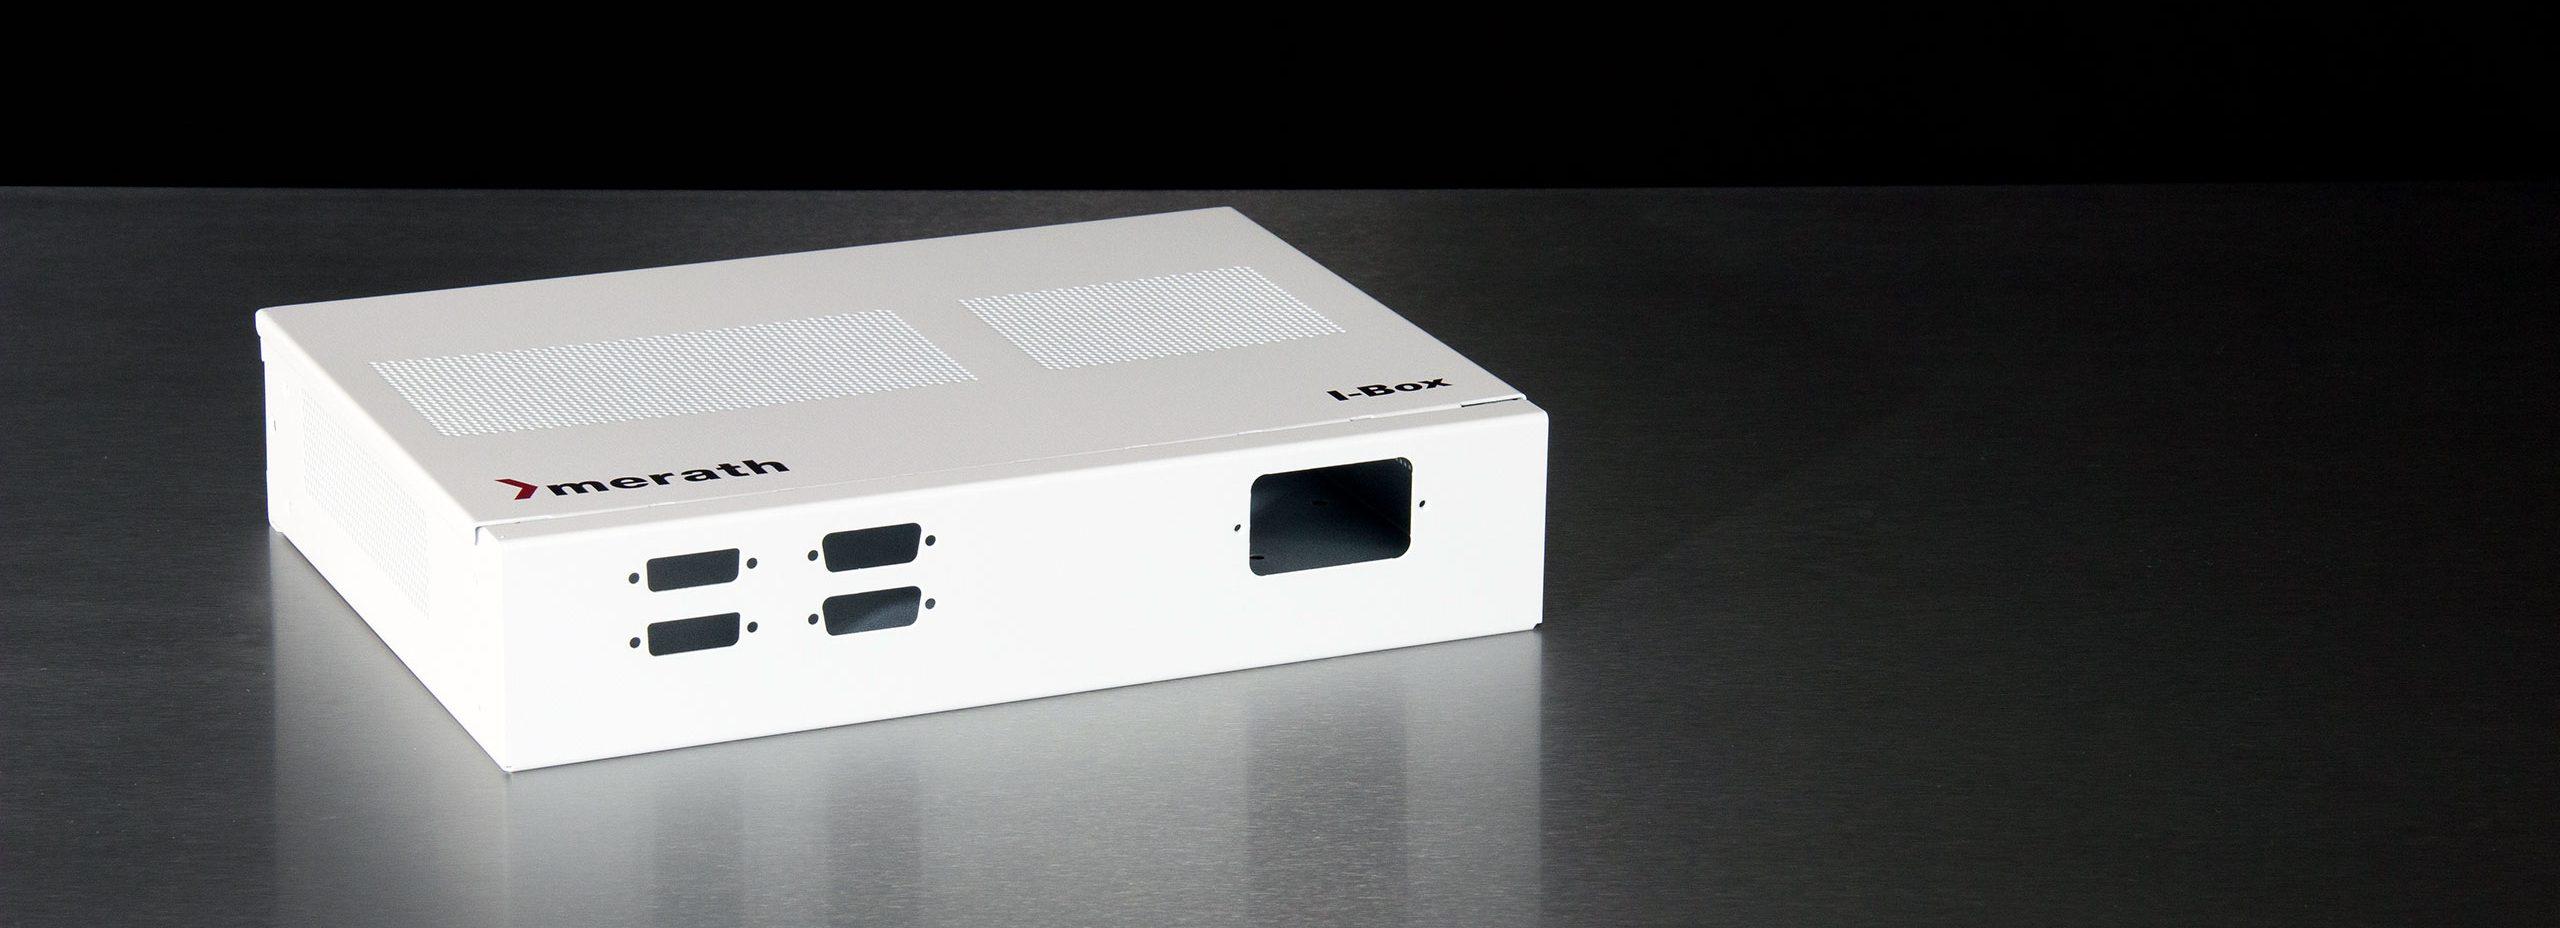 Weißes Computer-Tischgehäuse mit merath Logo und Aufschrift I-Box. An der Front sind Ausbrüche für Stecker.